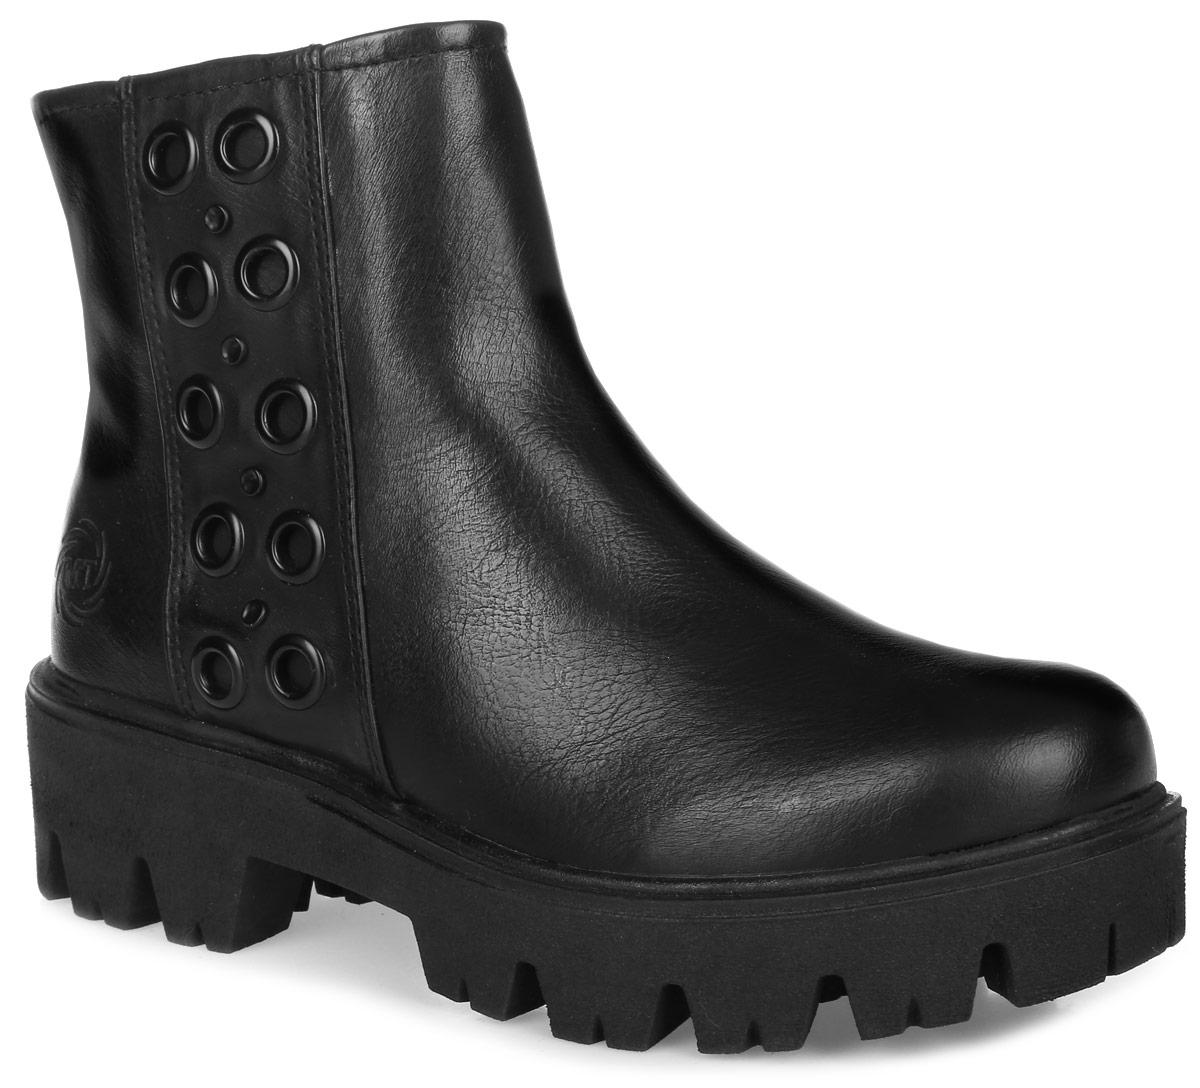 2-2-25499-27-002Стильные ботинки Marco Tozzi придутся вам по душе. Модель выполнена из искусственной глянцевой кожи. Сбоку модель оформлена металлическими люверсами. Молния надежно зафиксируют модель на ноге. На боковой стороне имеется вставка из эластичной резинки. Внутренняя поверхность и стелька из мягкого текстиля обеспечат комфорт и уют вашим ногам. Массивная подошва из прочного материала гарантирует длительную носку и сцепление с любой поверхностью. Модные ботинки сделают вас ярче и подчеркнут индивидуальность.